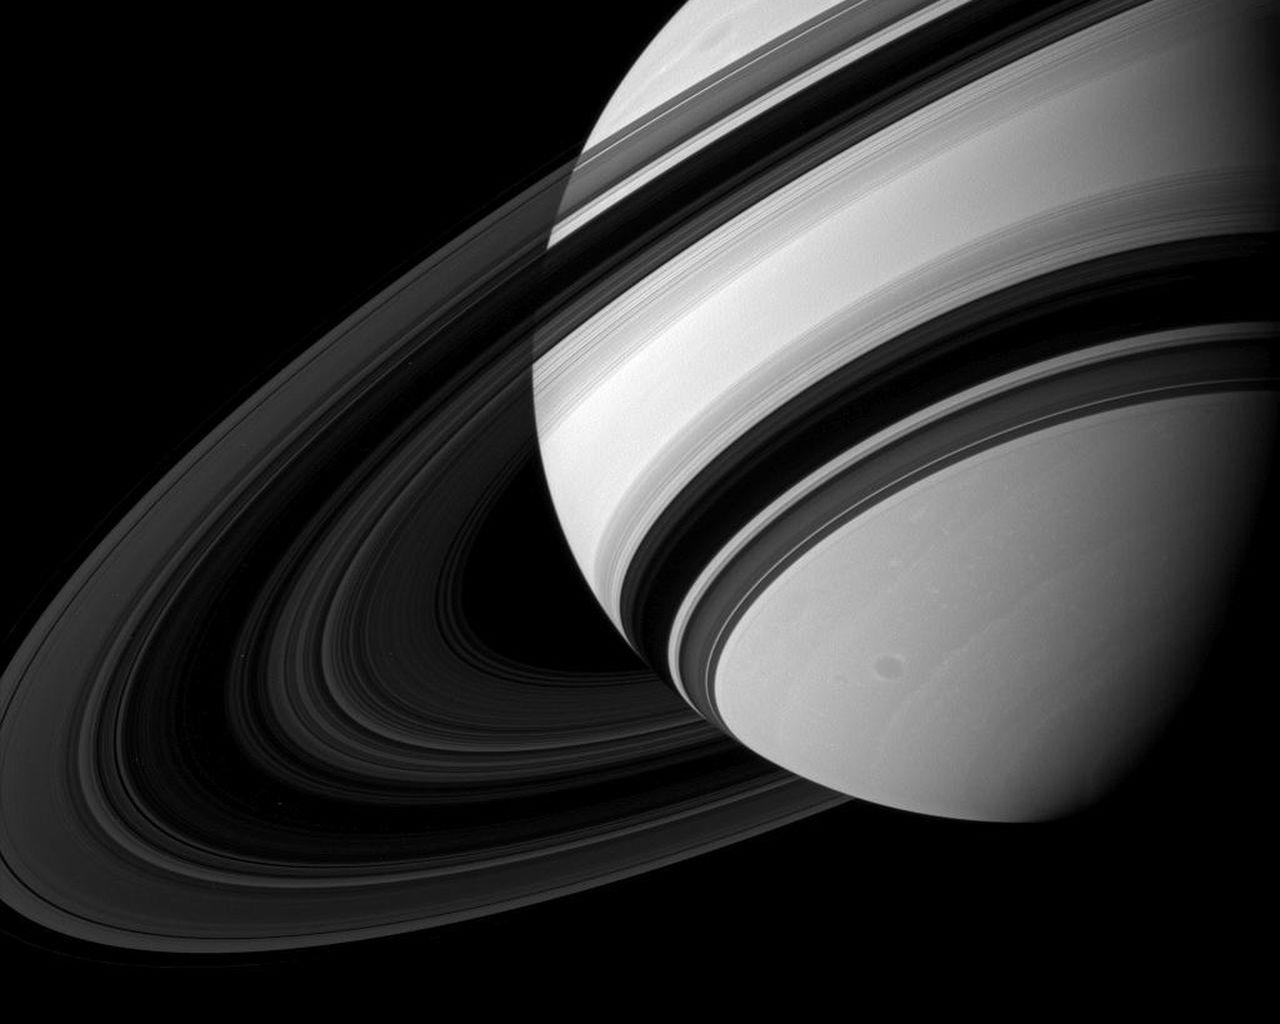 """სატურნის რგოლებიდან უცნაური ქიმიური კოქტეილი """"წვიმს"""" - მოულოდნელი აღმოჩენა"""